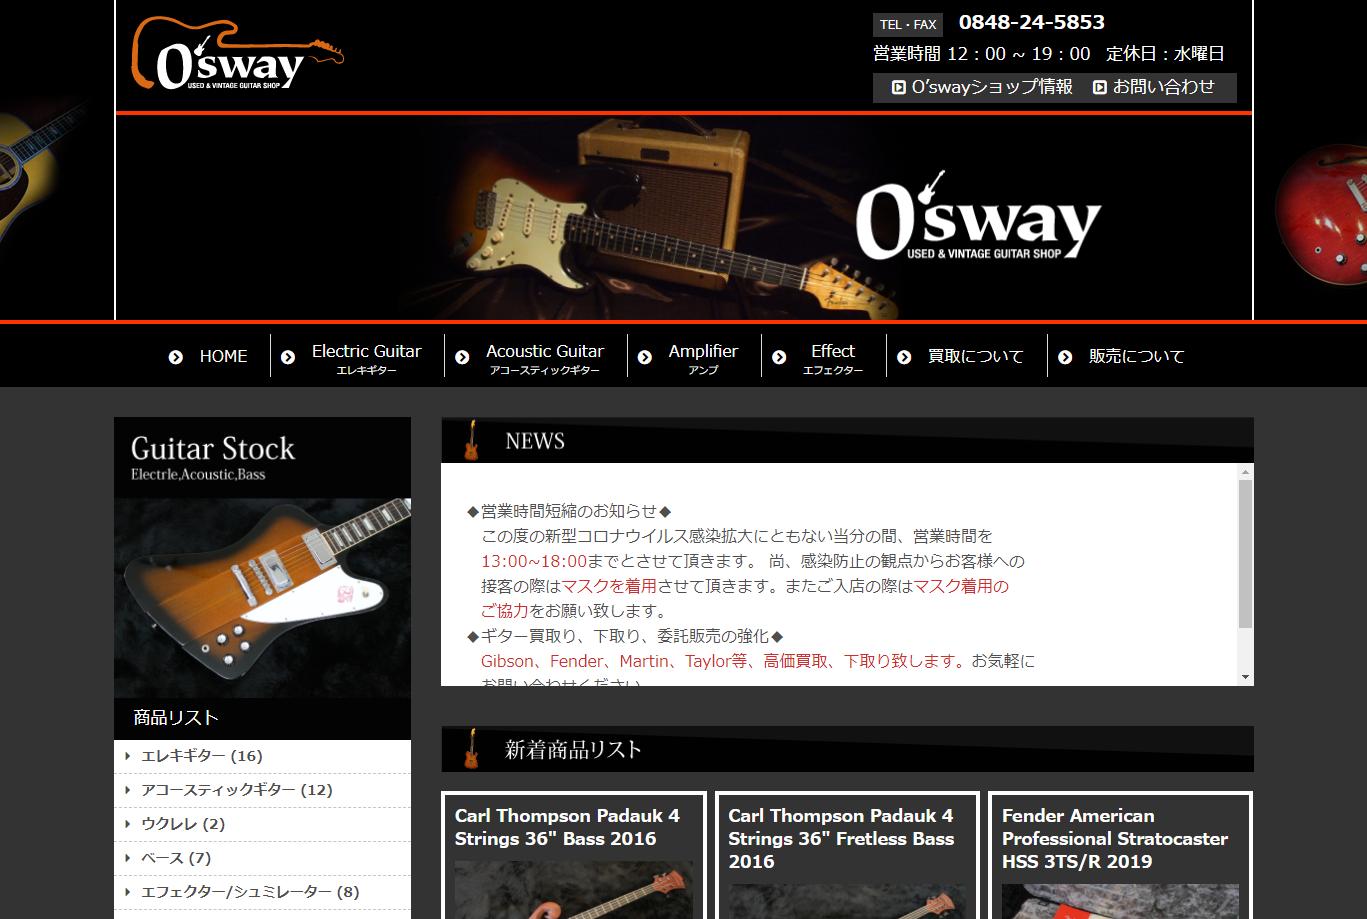 商品登録が以前よりも簡単になったギター取り扱い店のサイト